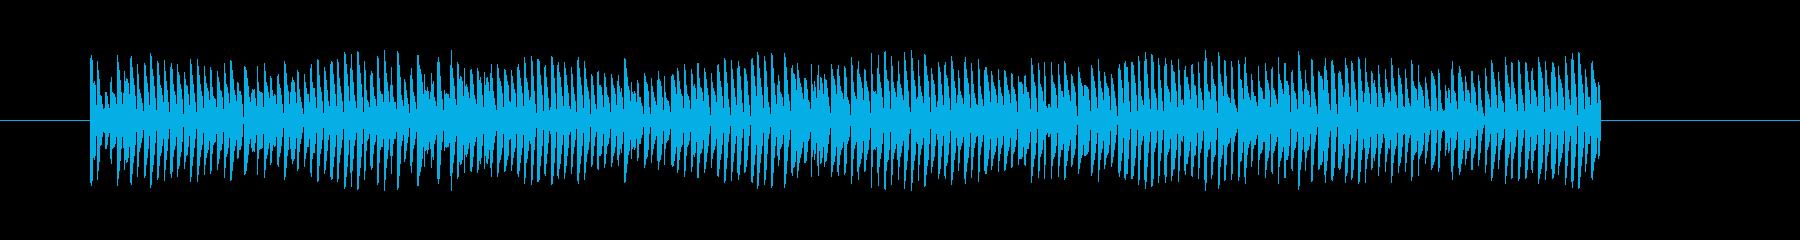 グラフ等に使い易いSEシリーズ3の再生済みの波形